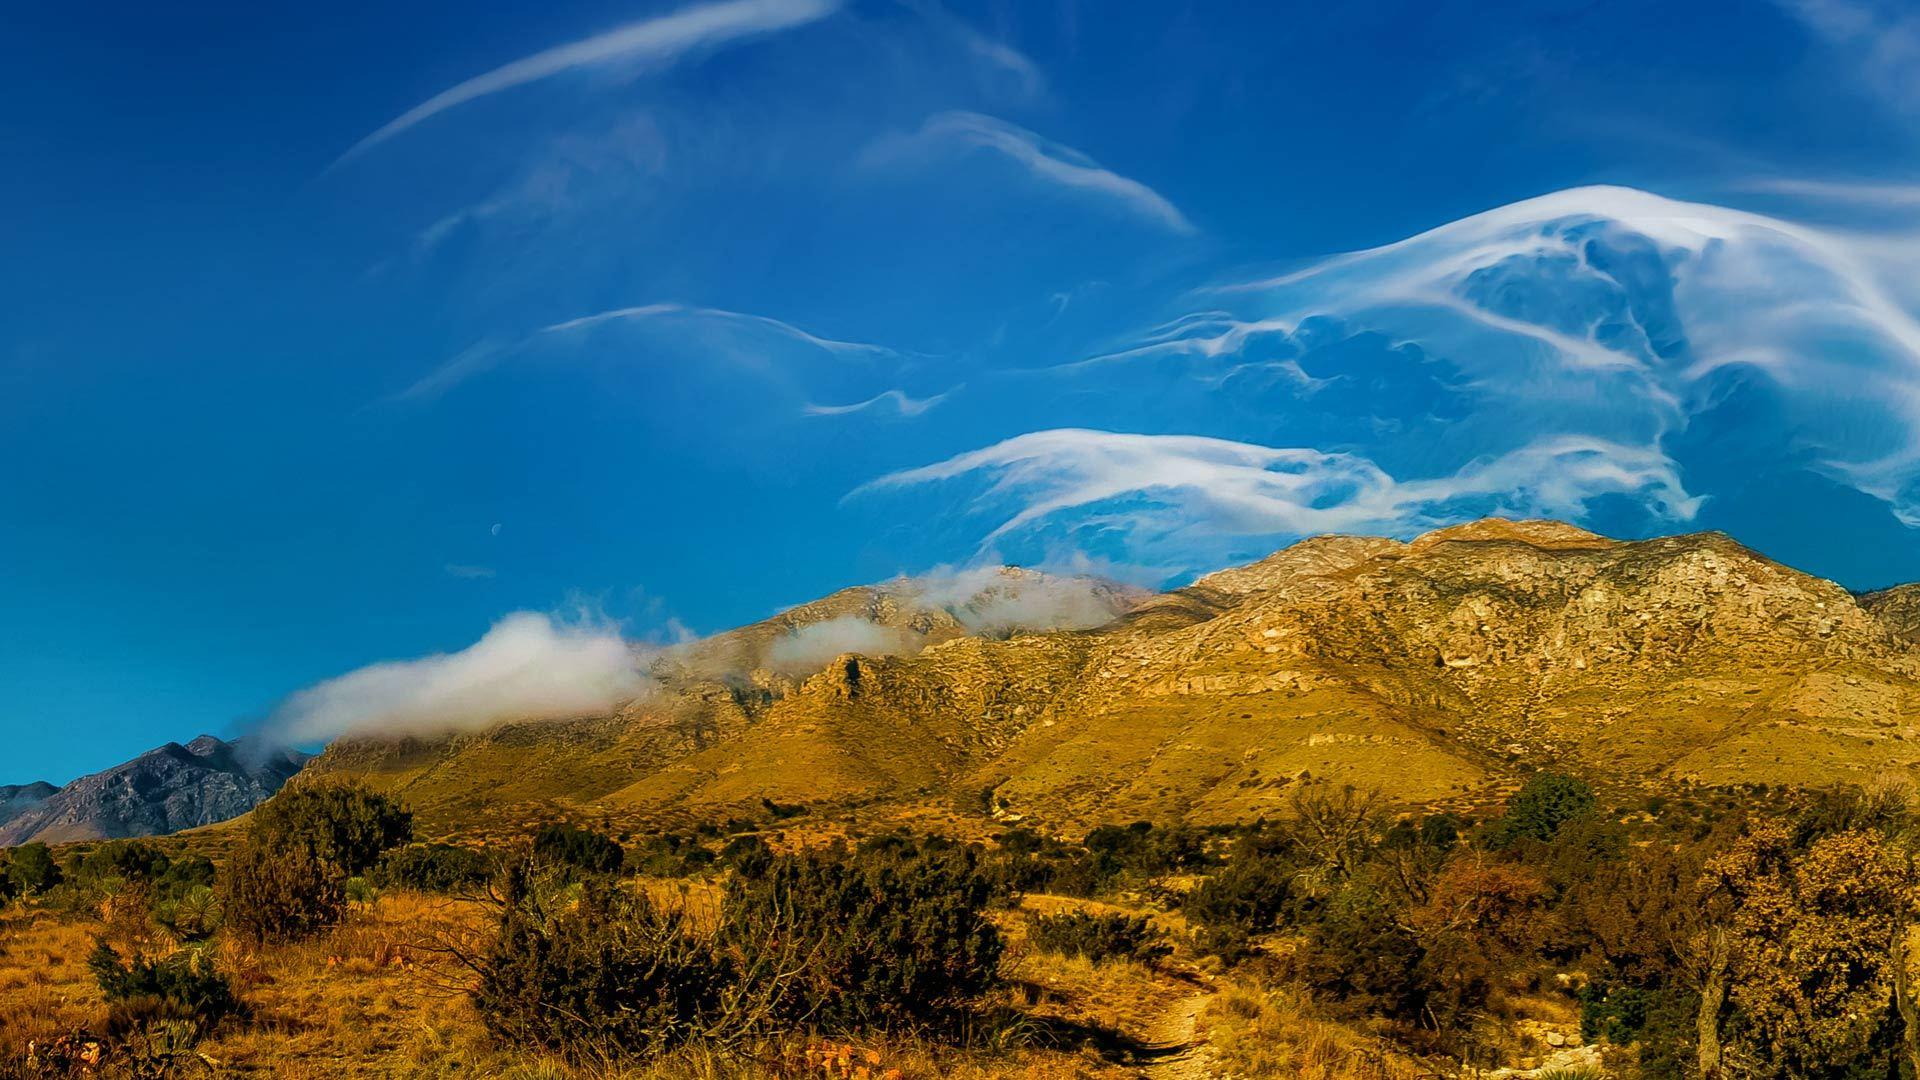 高山上的卷云